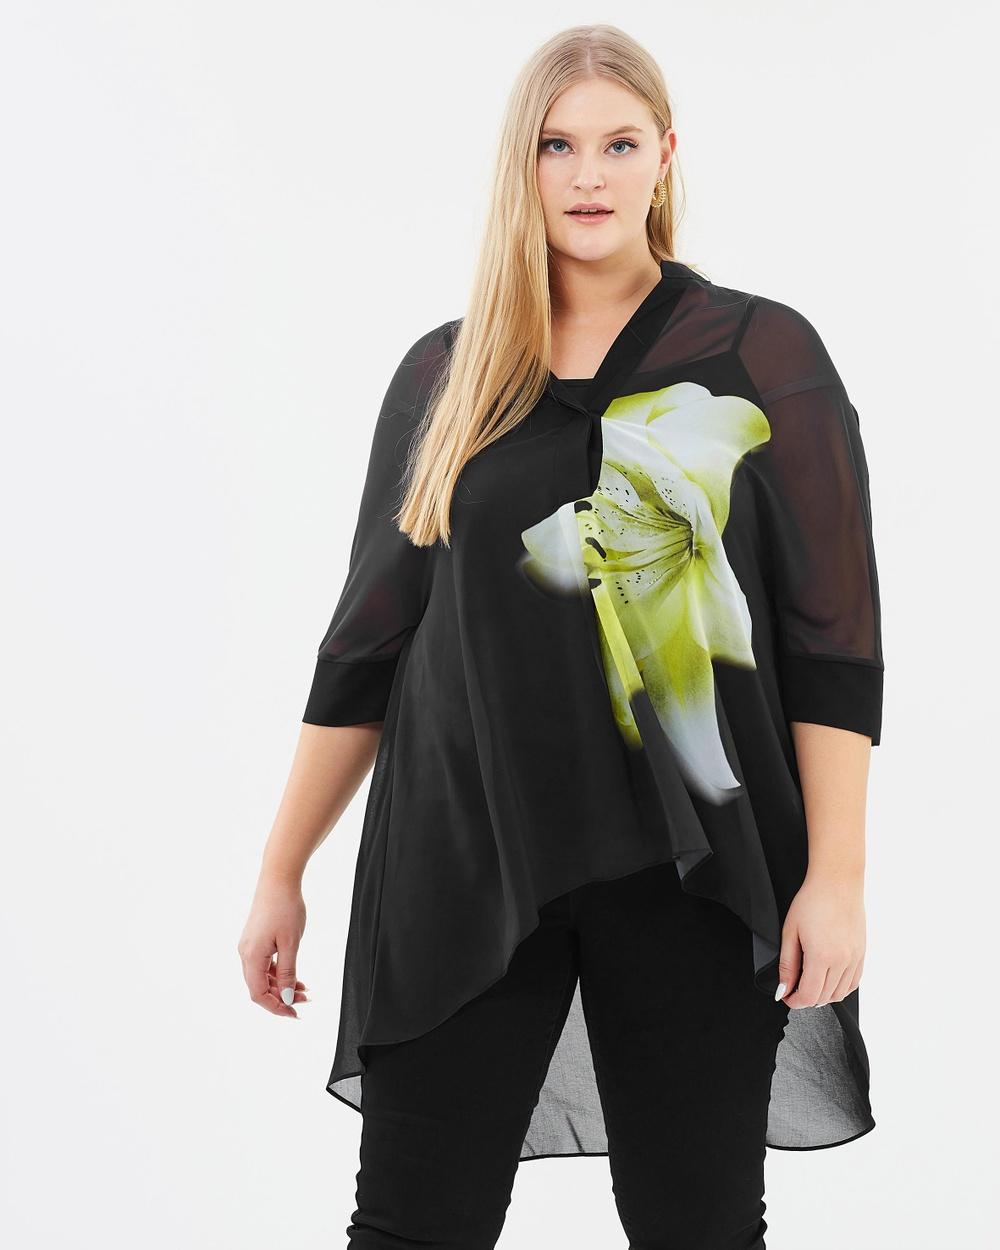 EVANS Floral Shirt Tops Black Floral Shirt